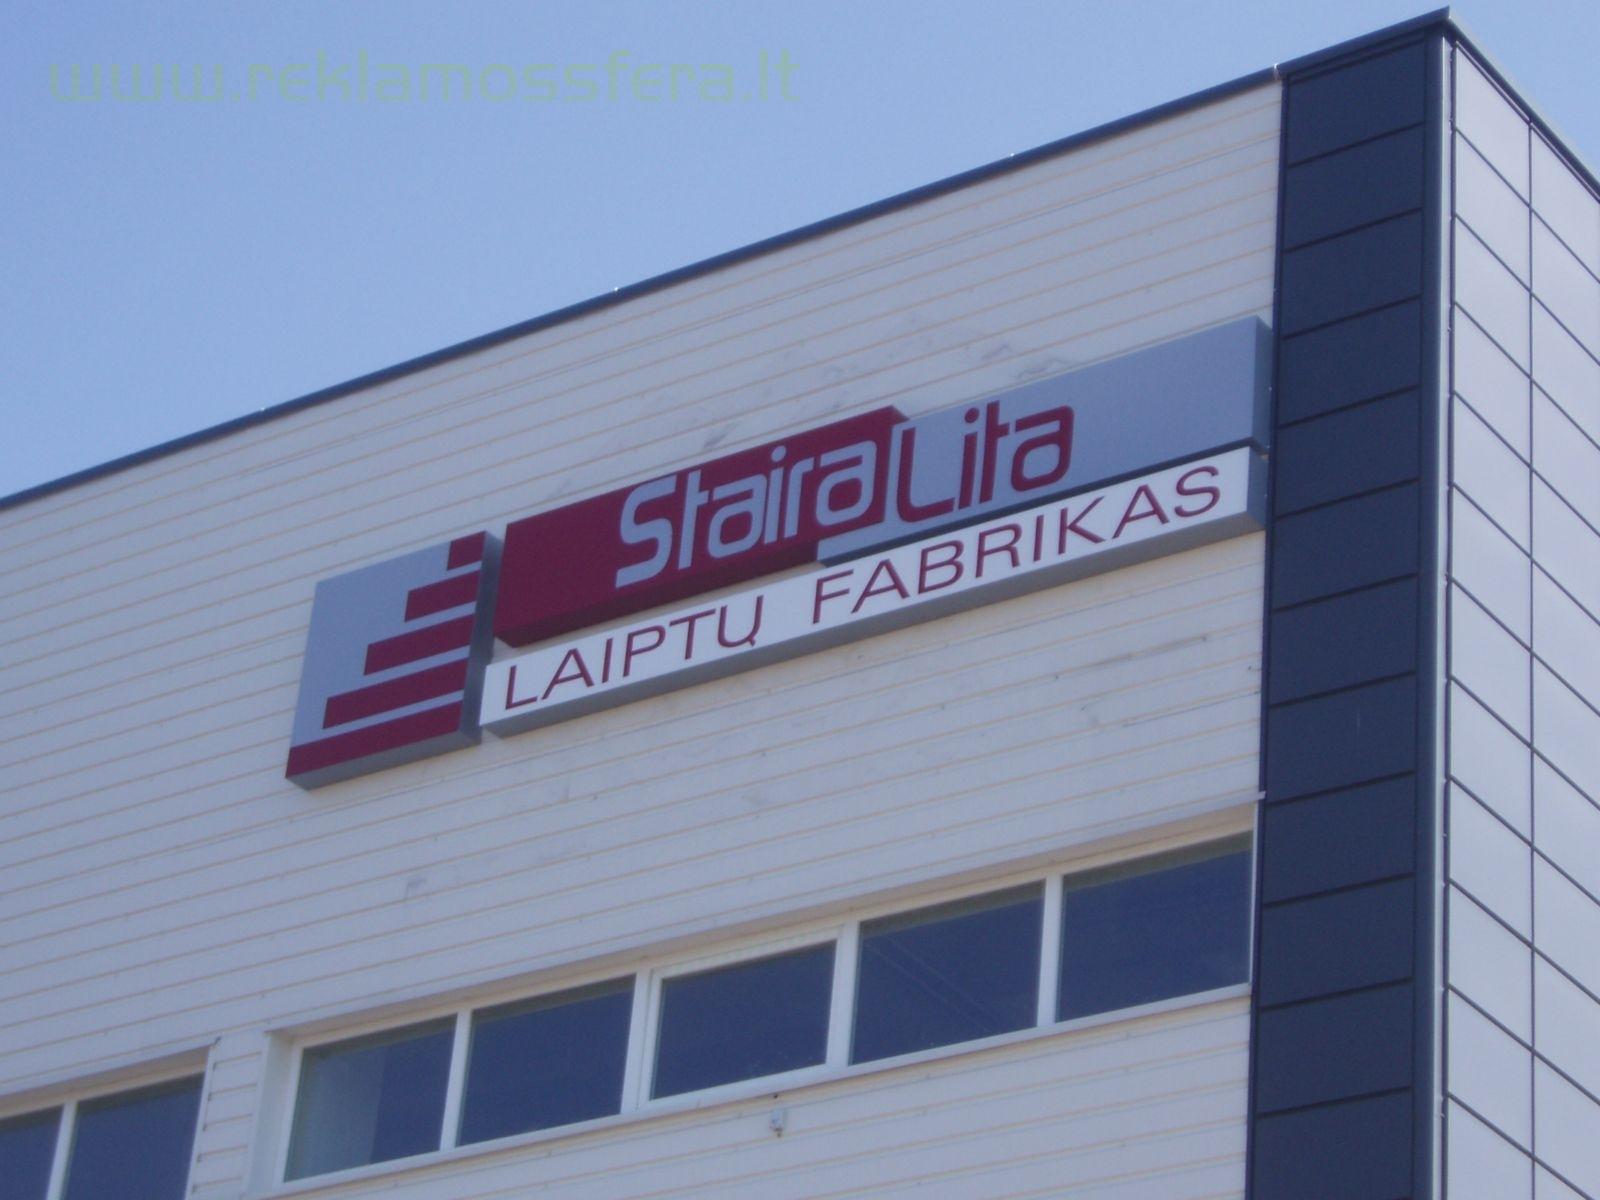 Tūrinis šviečiantis logotipas, gamyba ir montavimo darbai